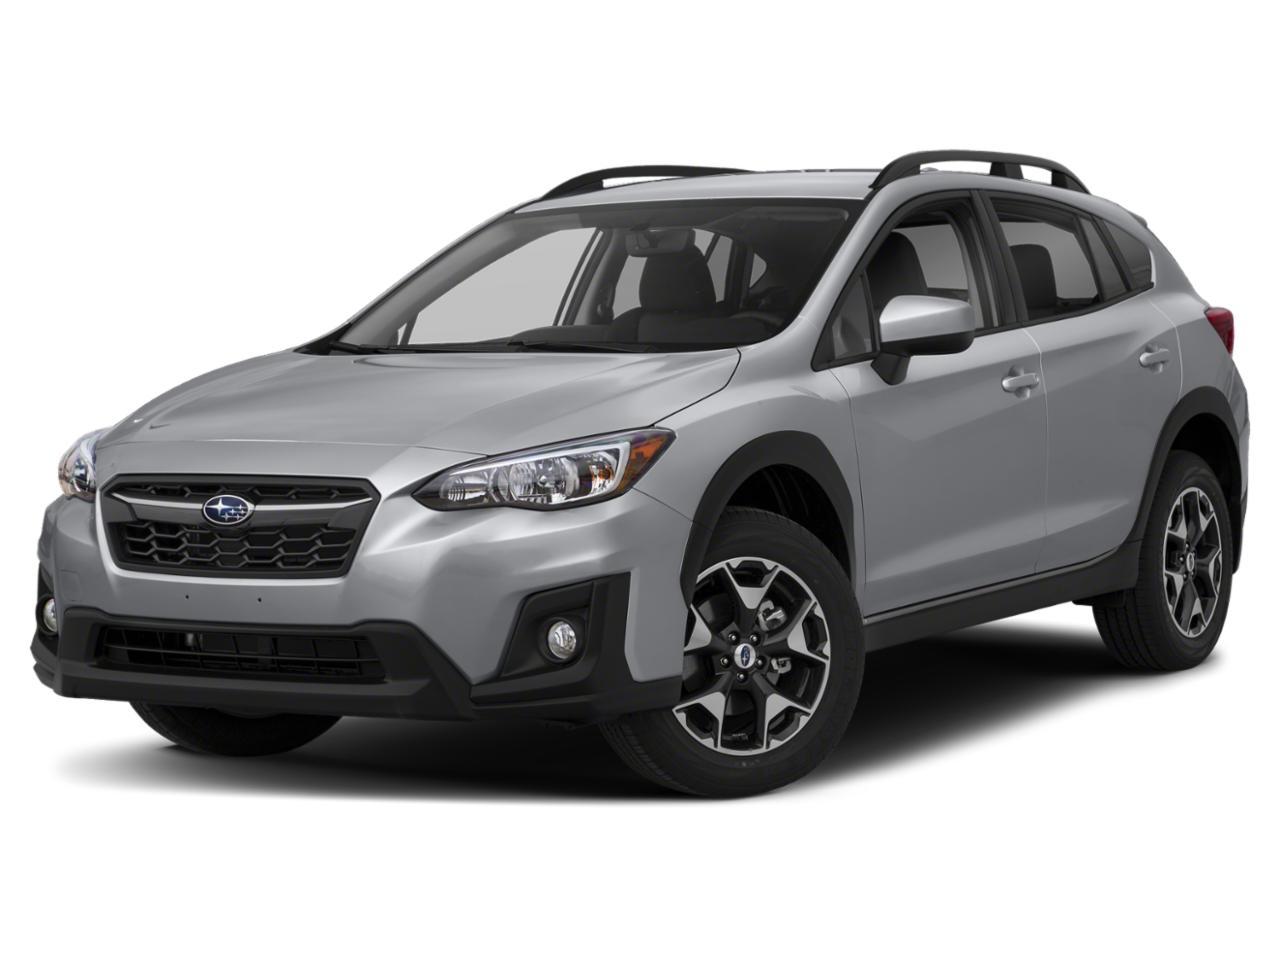 2019 Subaru Crosstrek Vehicle Photo in Bethlehem, PA 18017